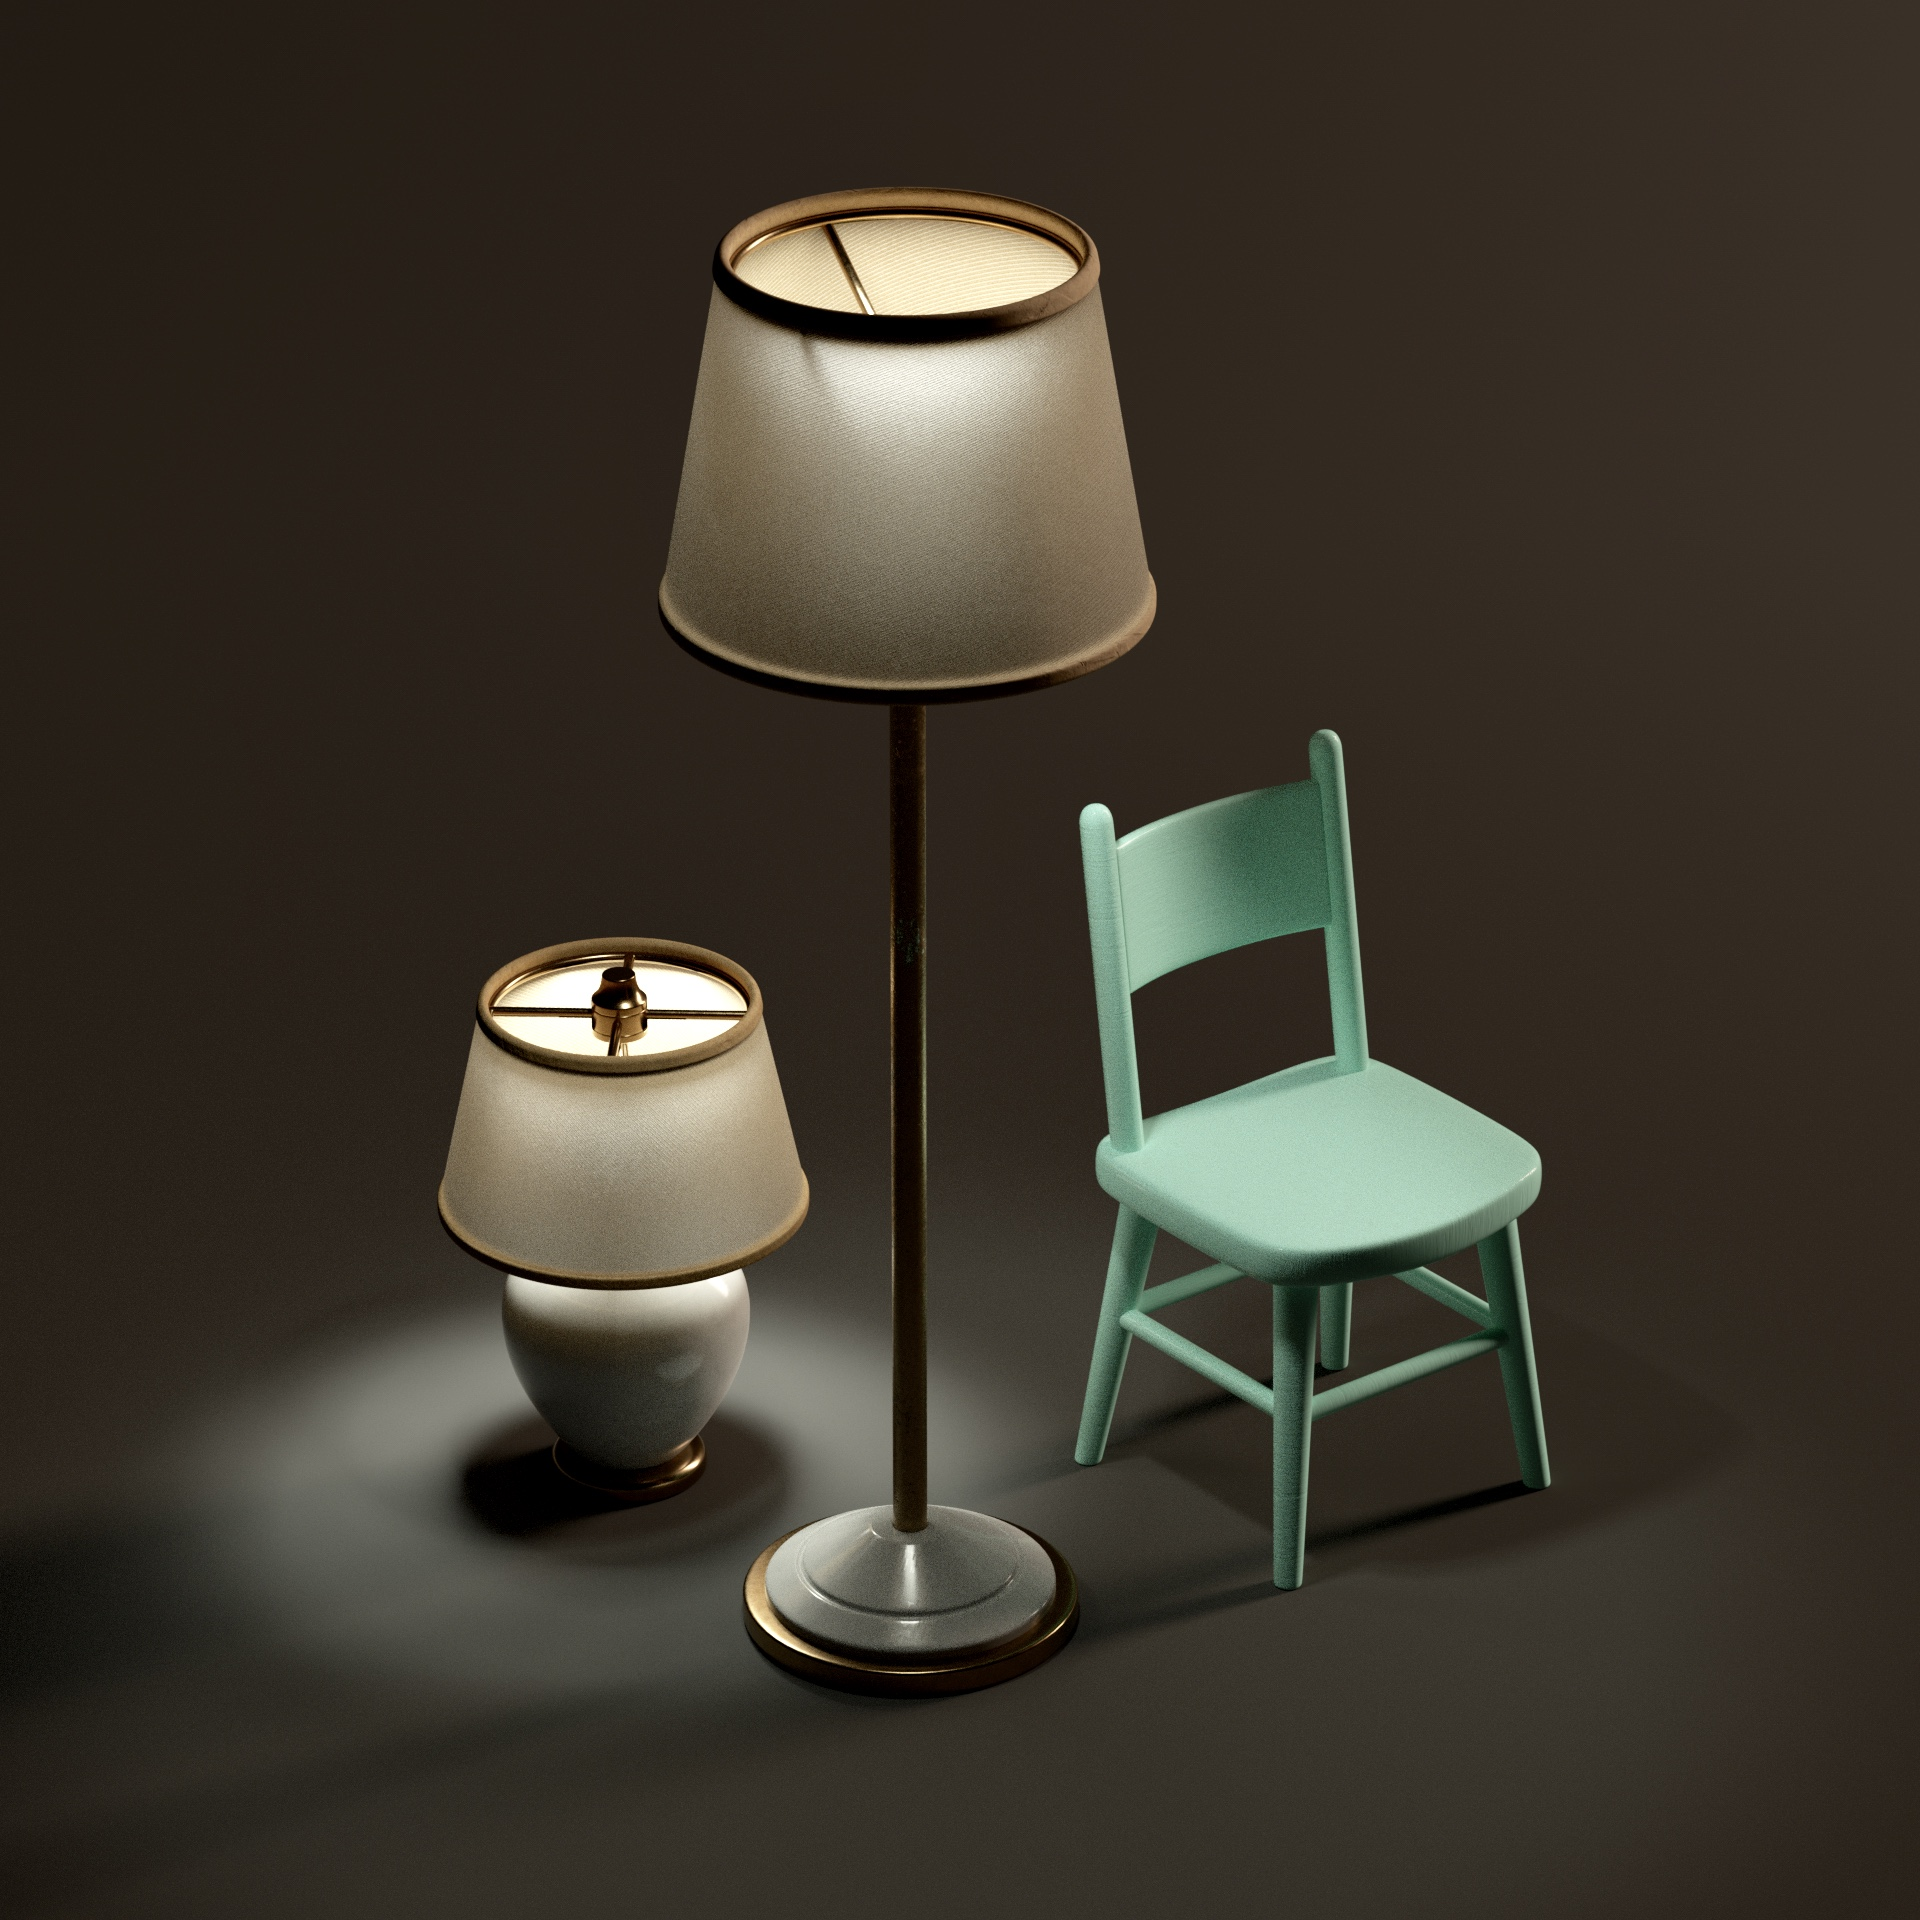 lamps0034.jpg